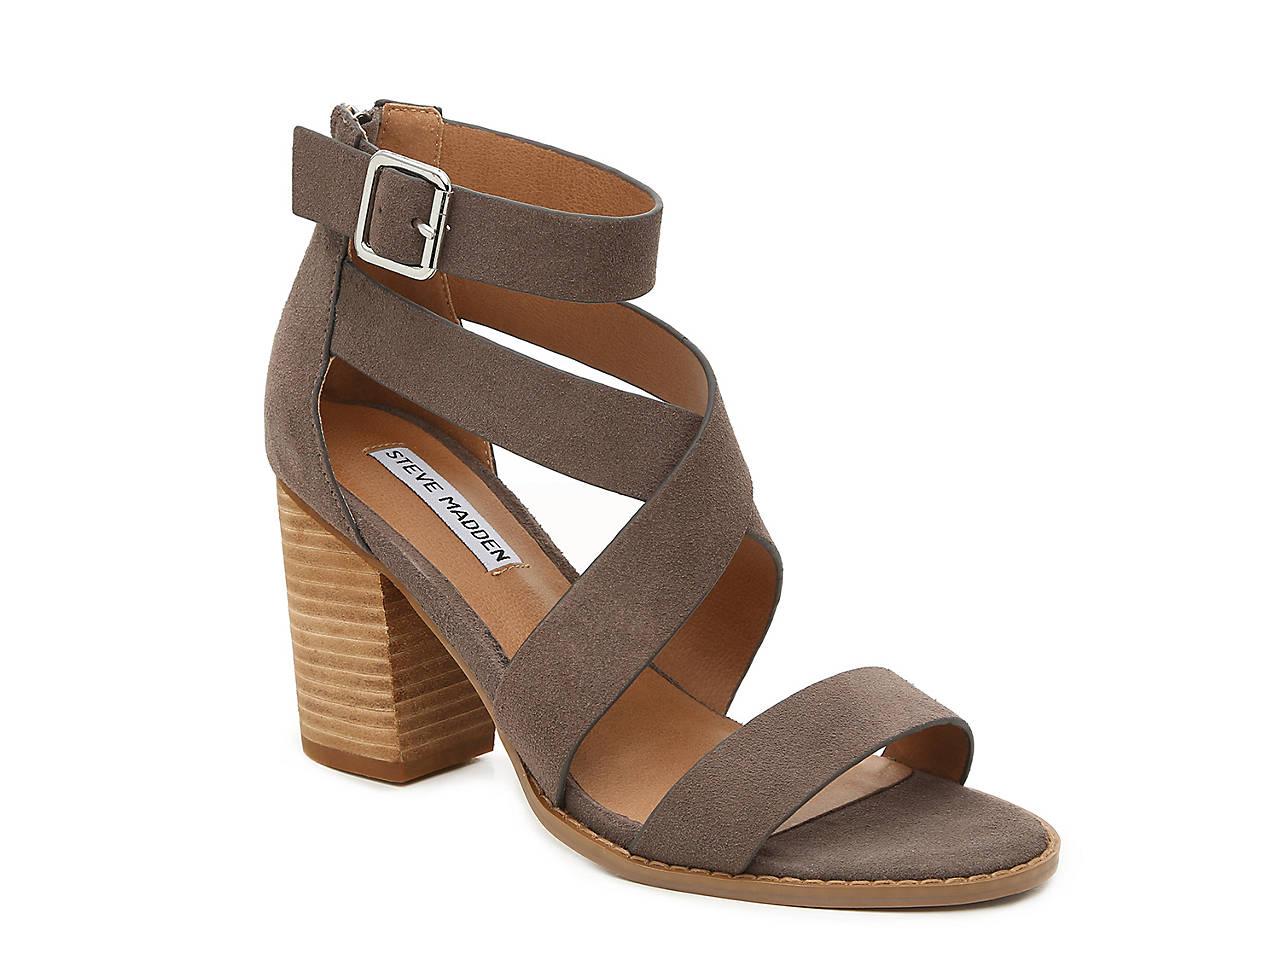 f1cb2977f3f4 Steve Madden Elita Sandal Women s Shoes